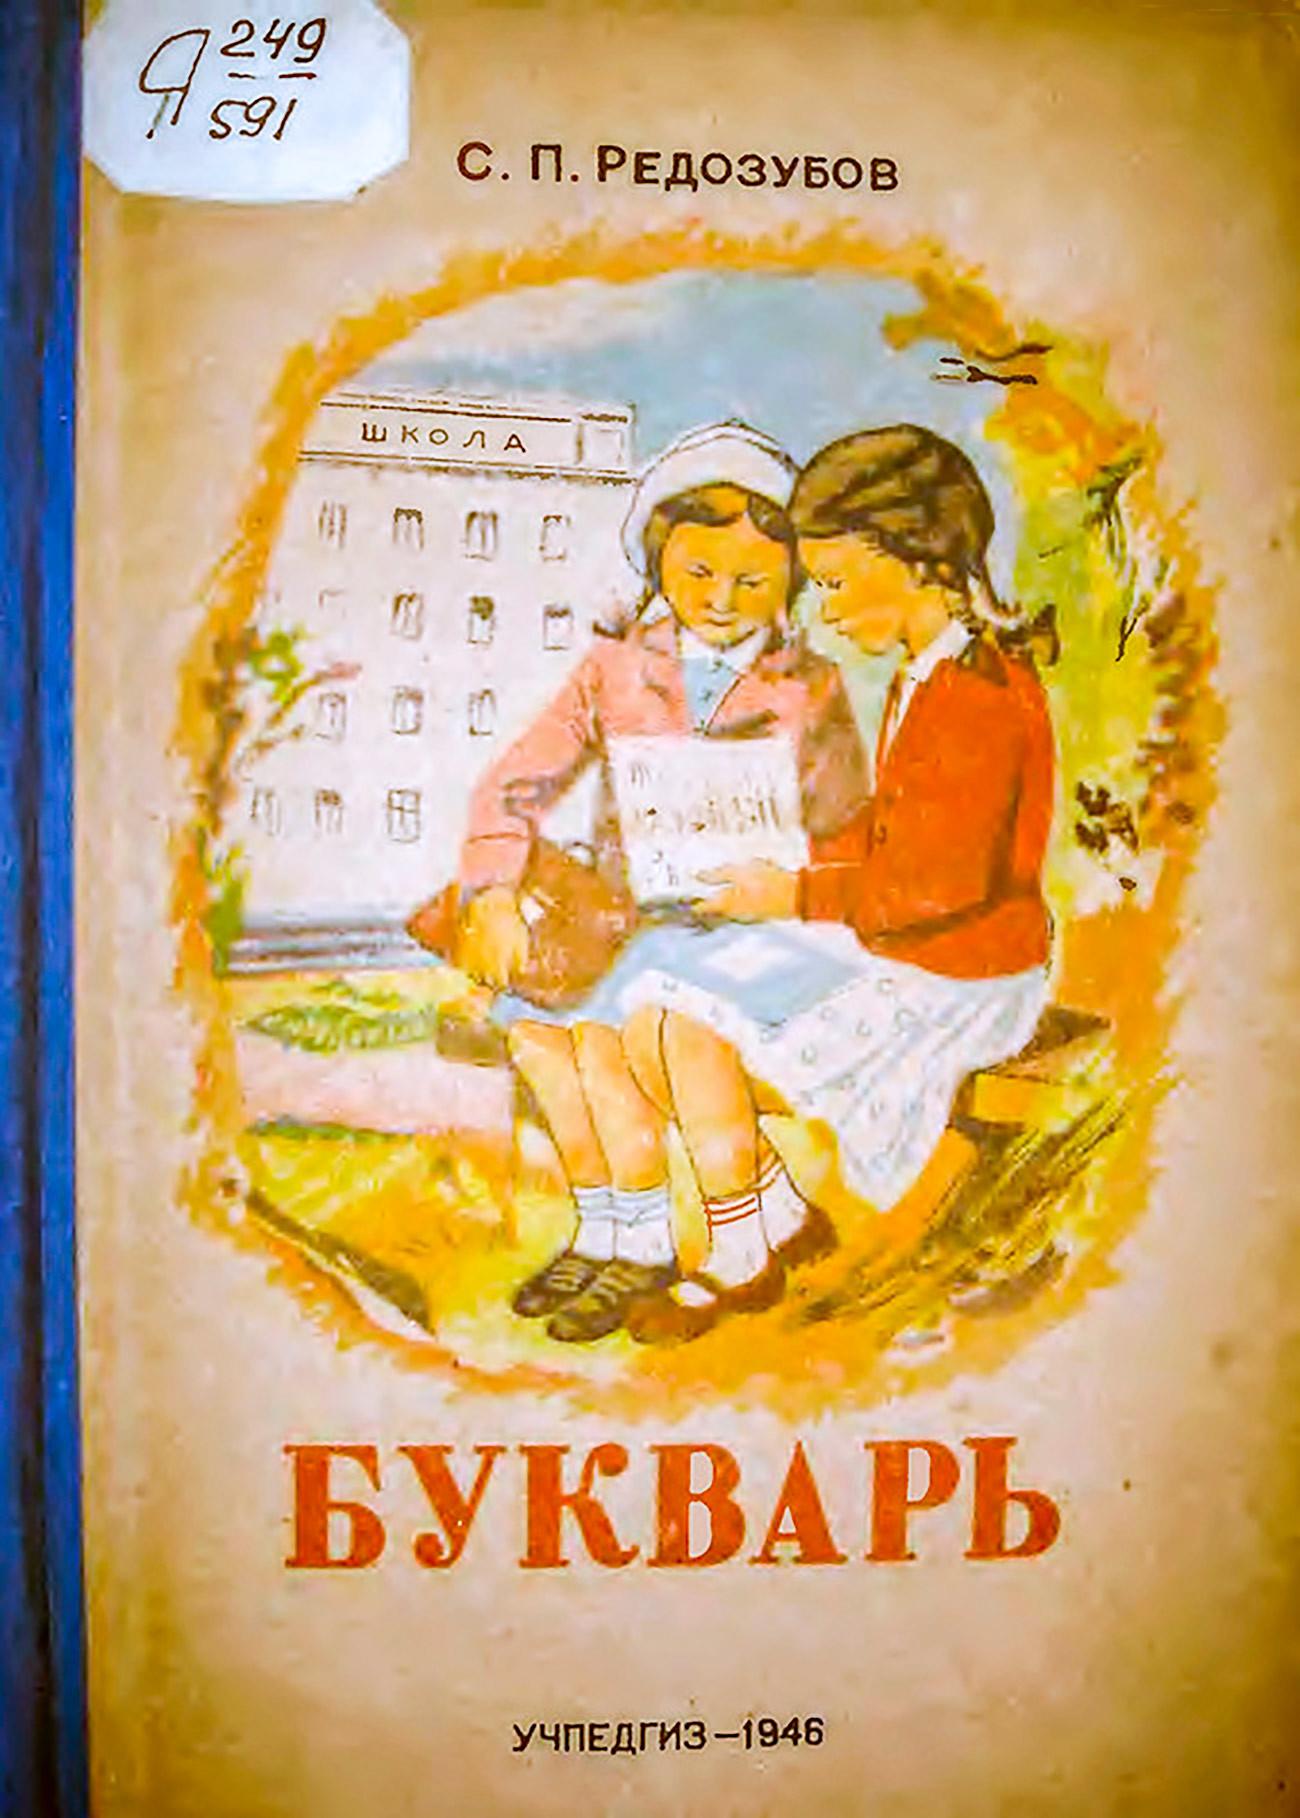 セルゲイ・レドズボフによる初等読本